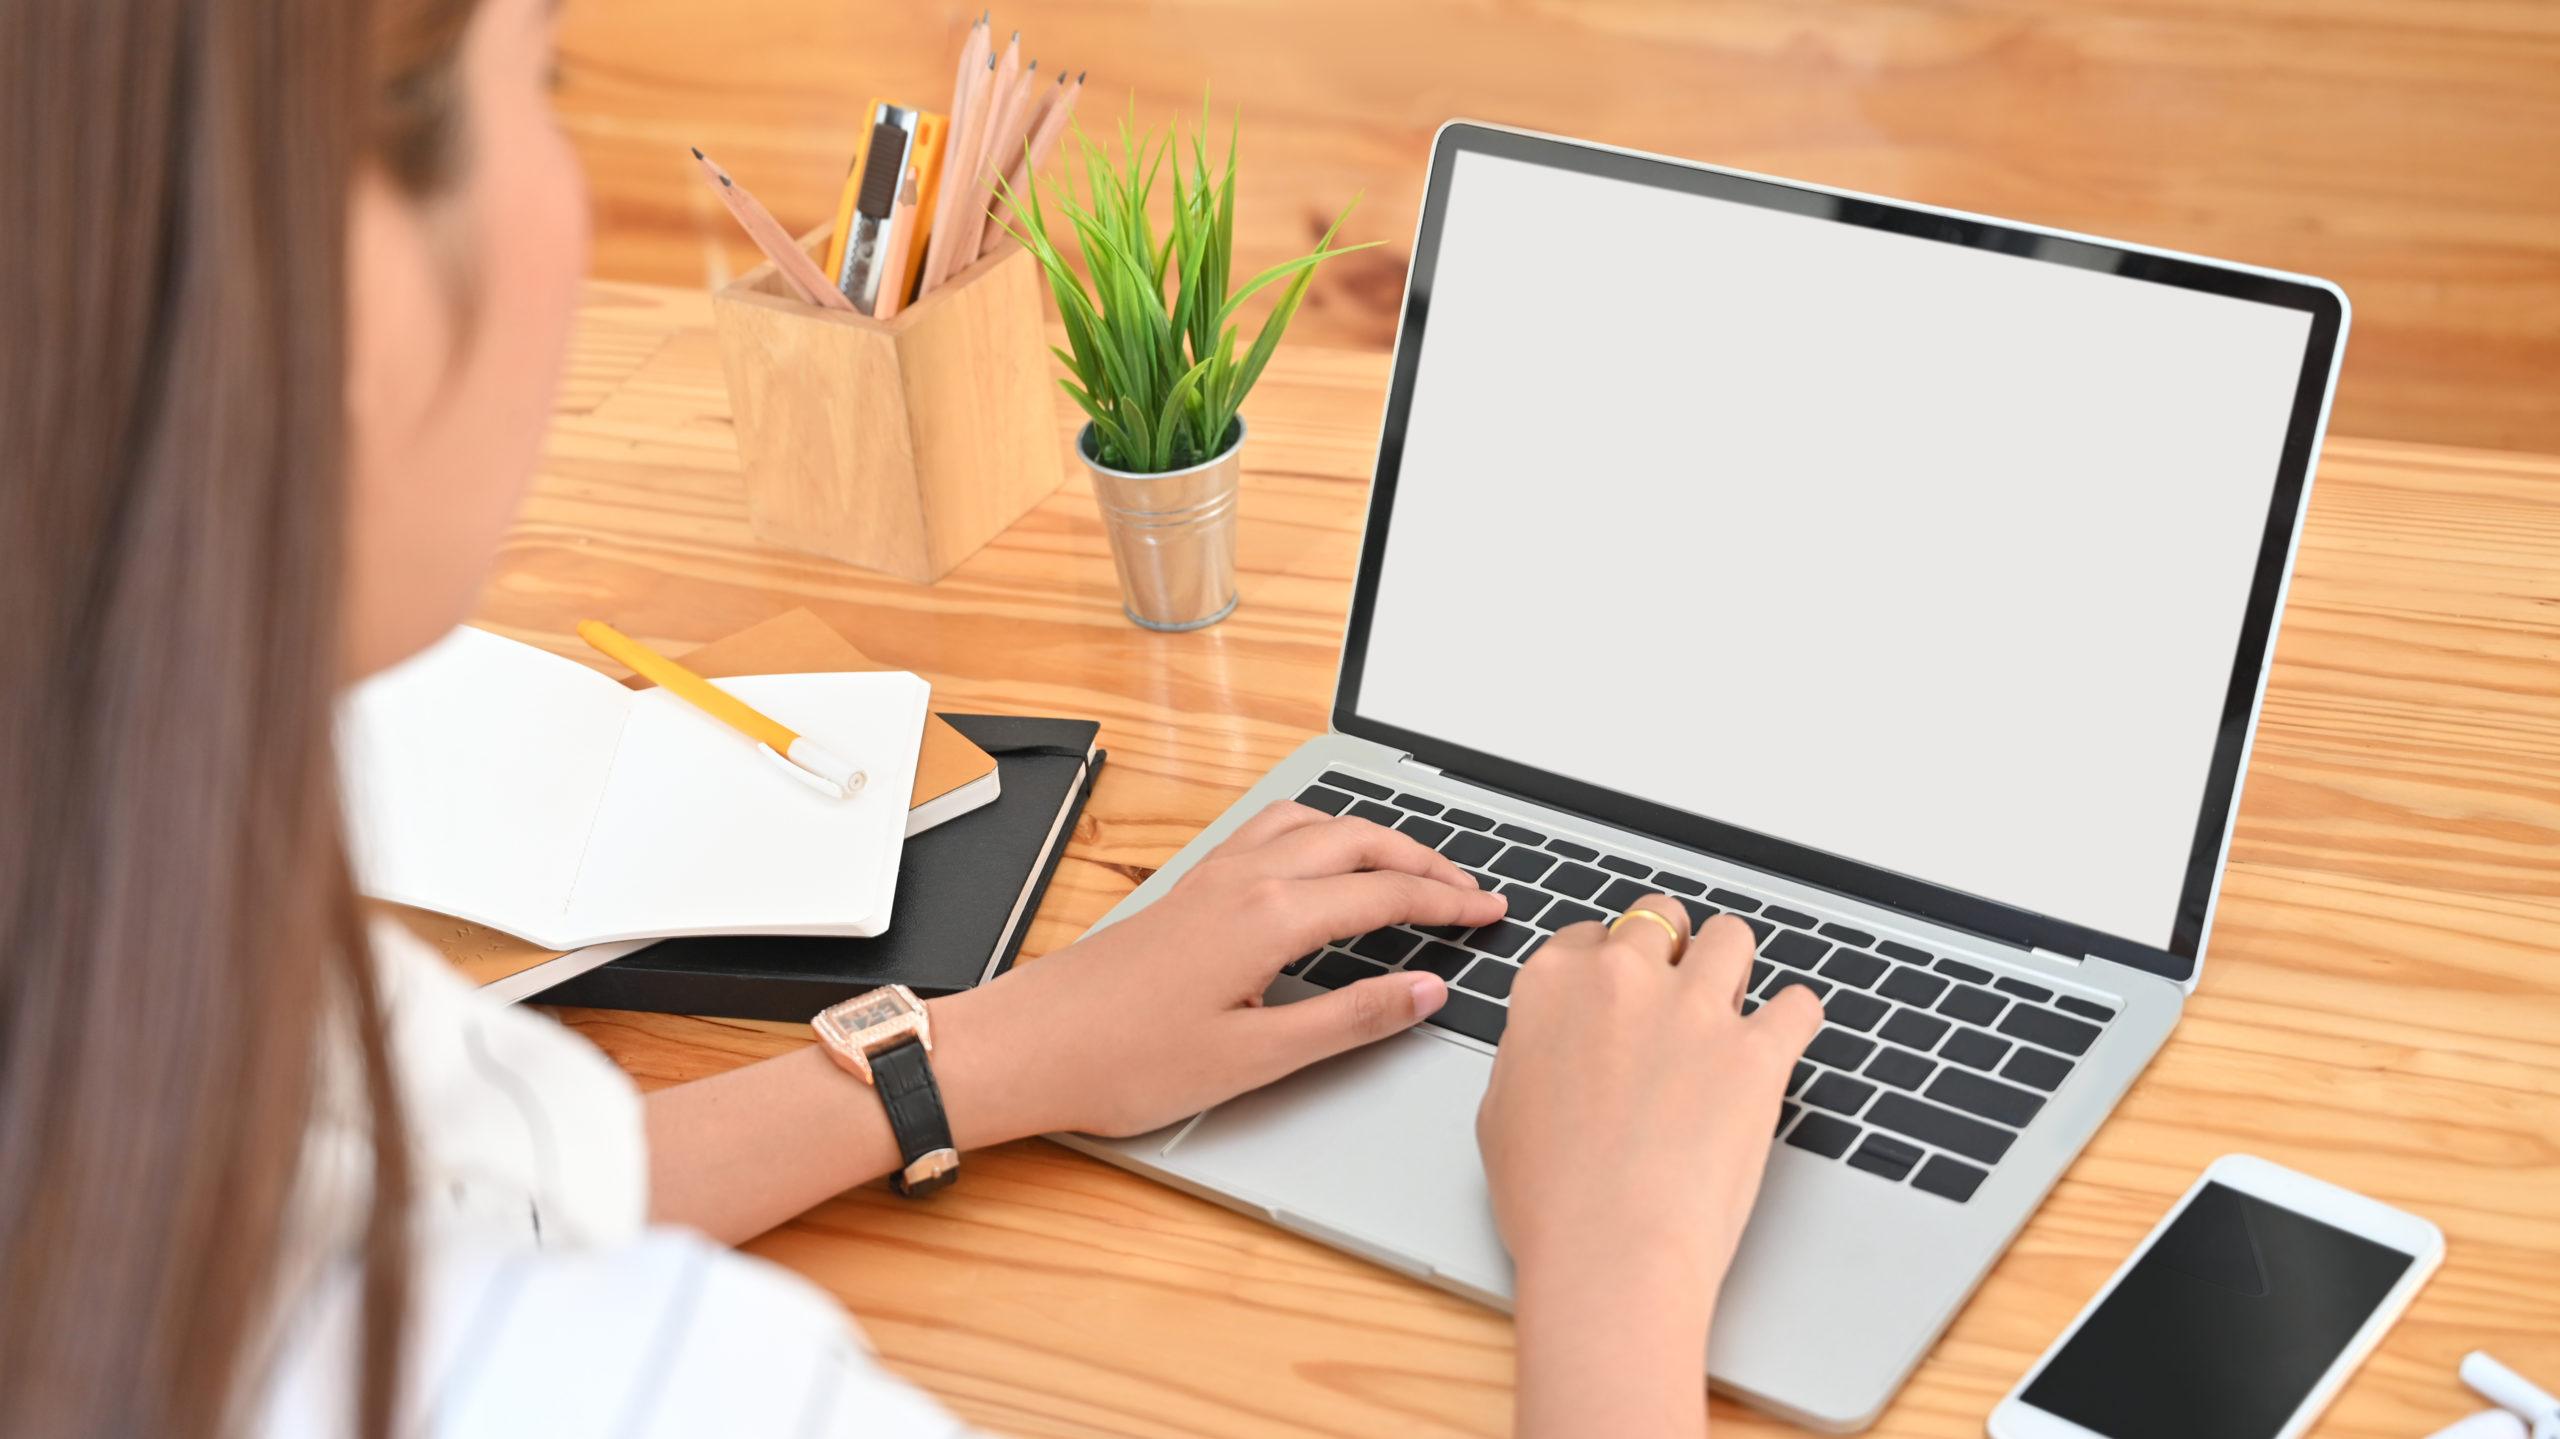 Télétravail et contrôle du temps de travail : tous les moyens sont-ils légaux ?